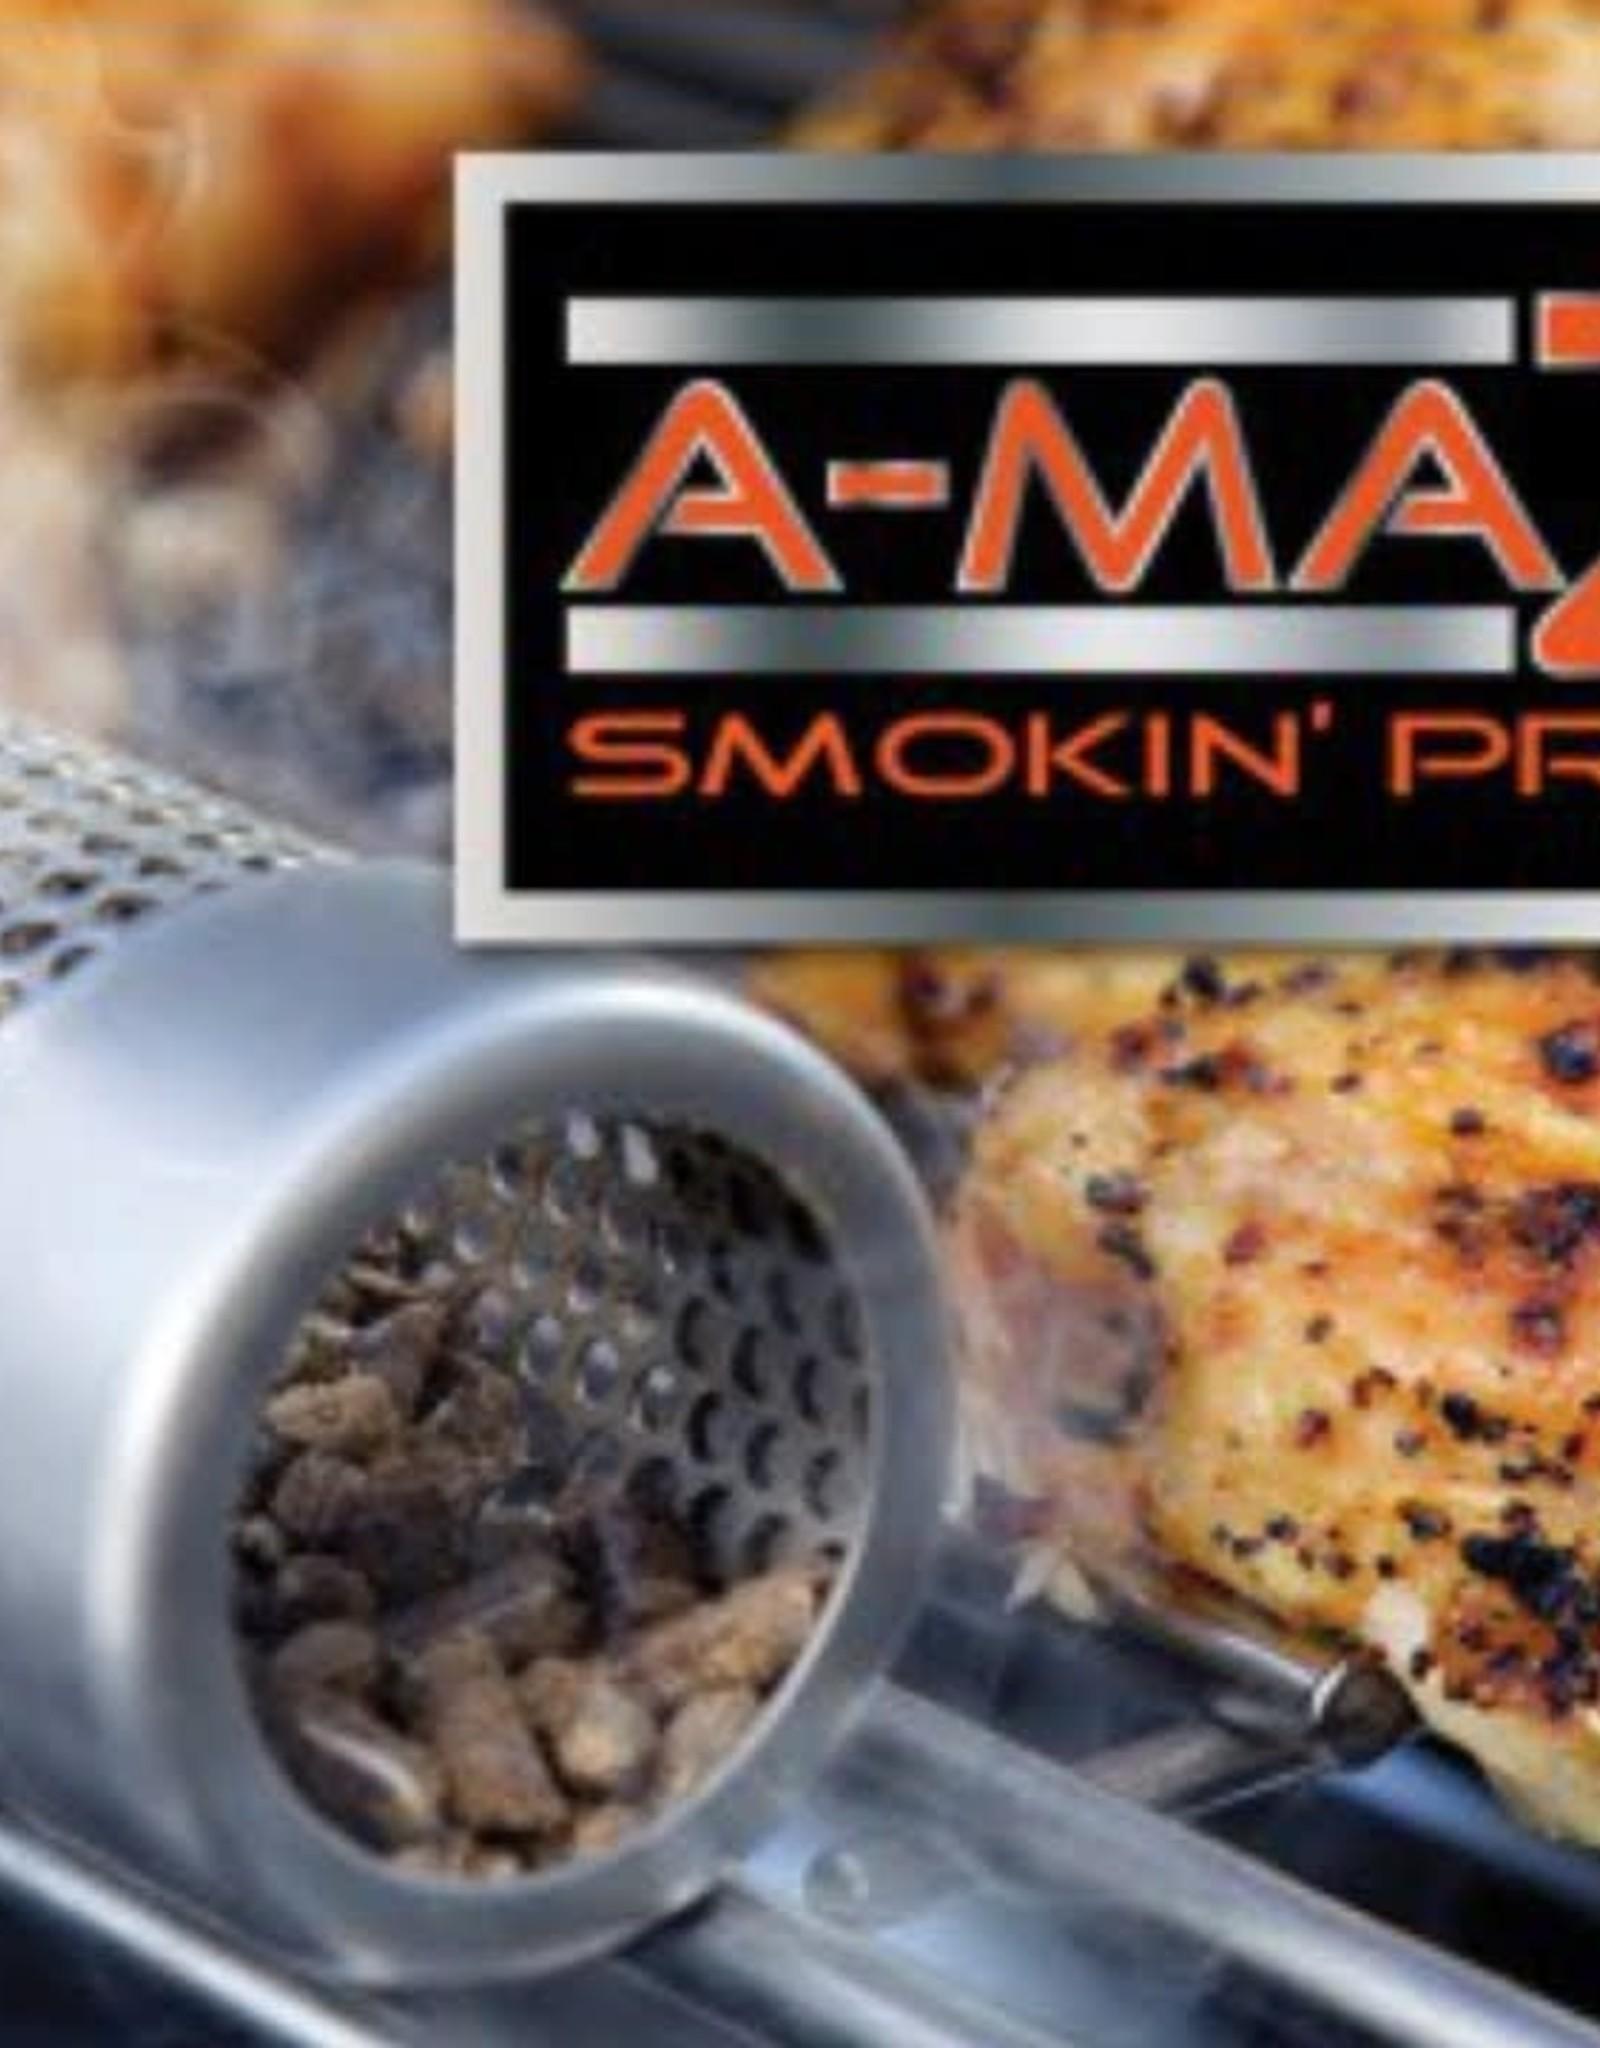 """A-maze-n Smoker A-maze-n Smoker 12"""" Tube"""